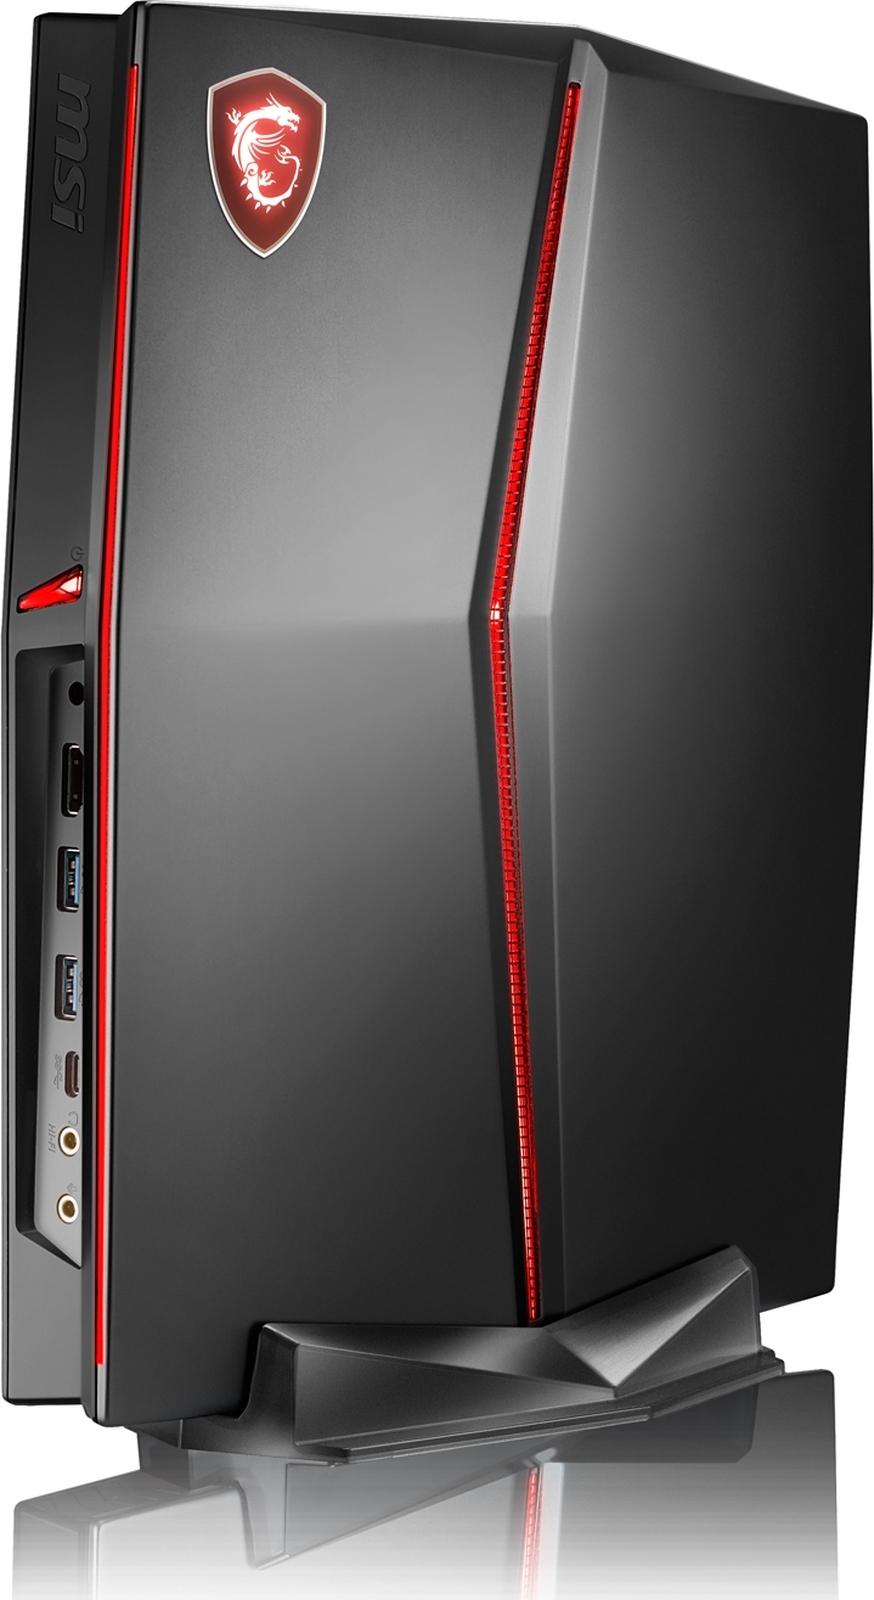 Системный блок MSI Vortex G25 8RD, 9S7-1T3111-035, черный